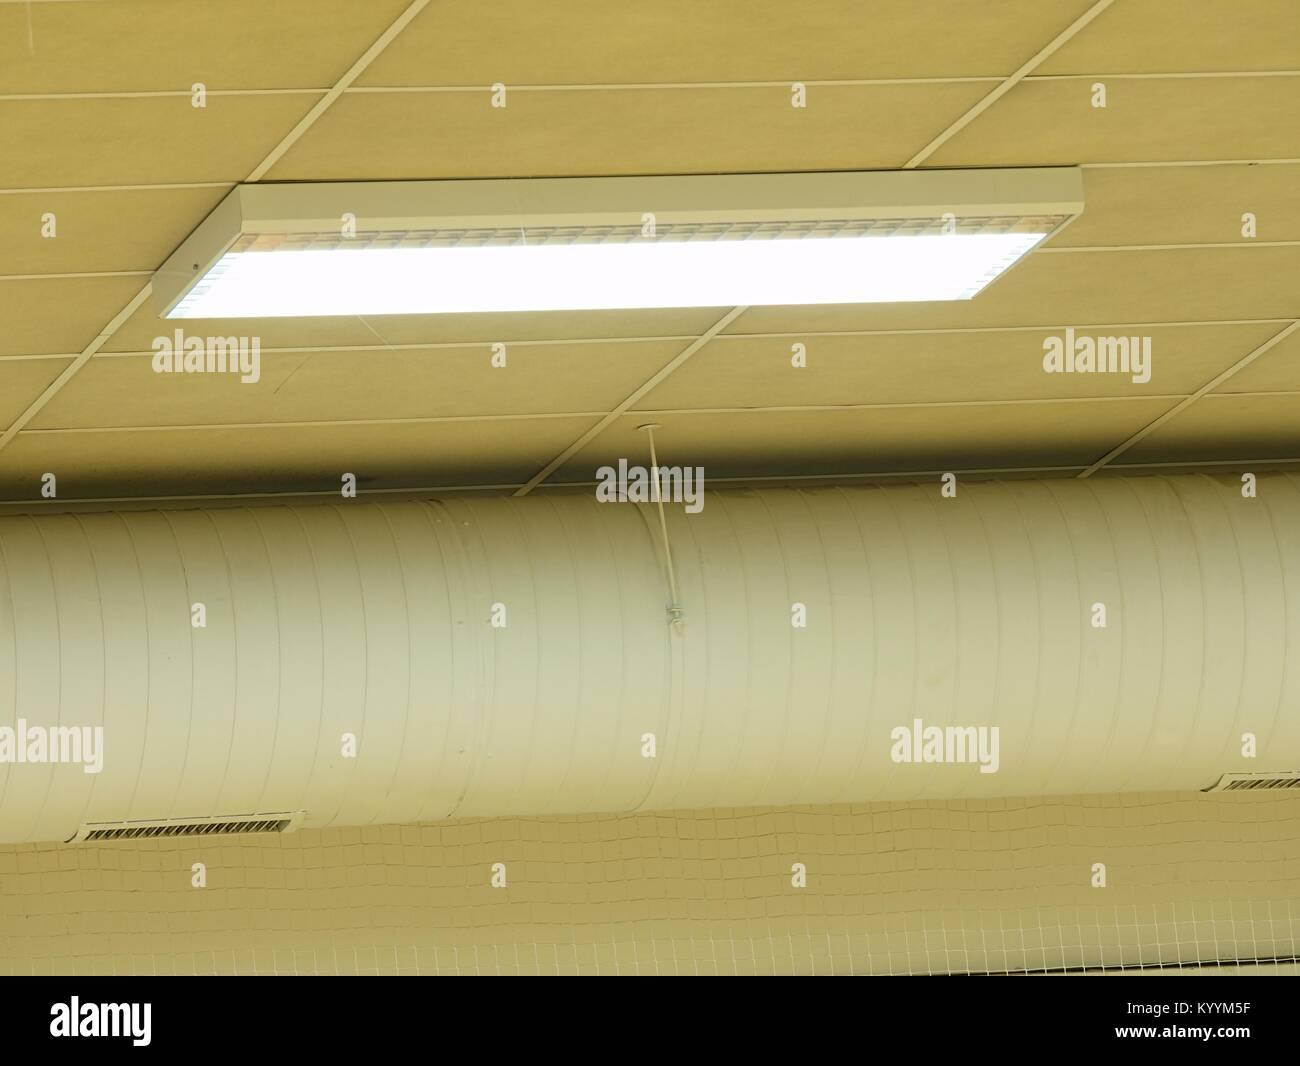 Fila di luci fluorescenti in un edificio per uffici soffitto e l